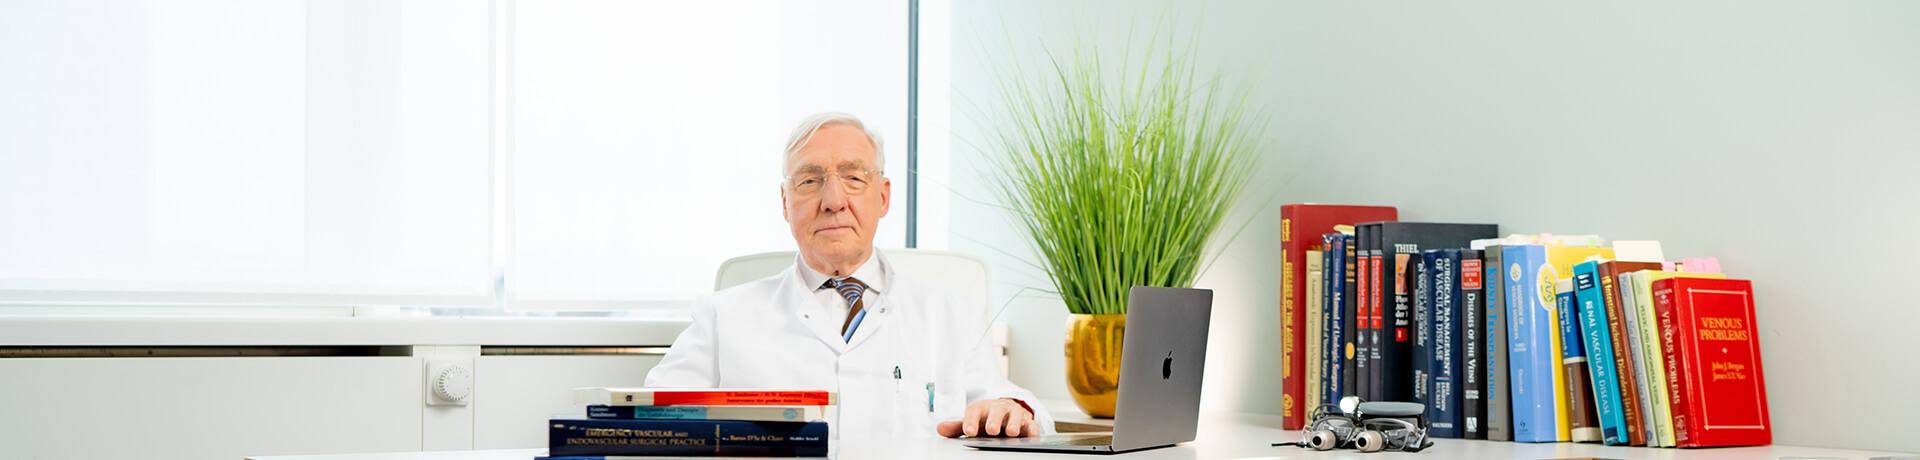 Gefäßchirurgie in der Clinic Bel Etage Düsseldorf